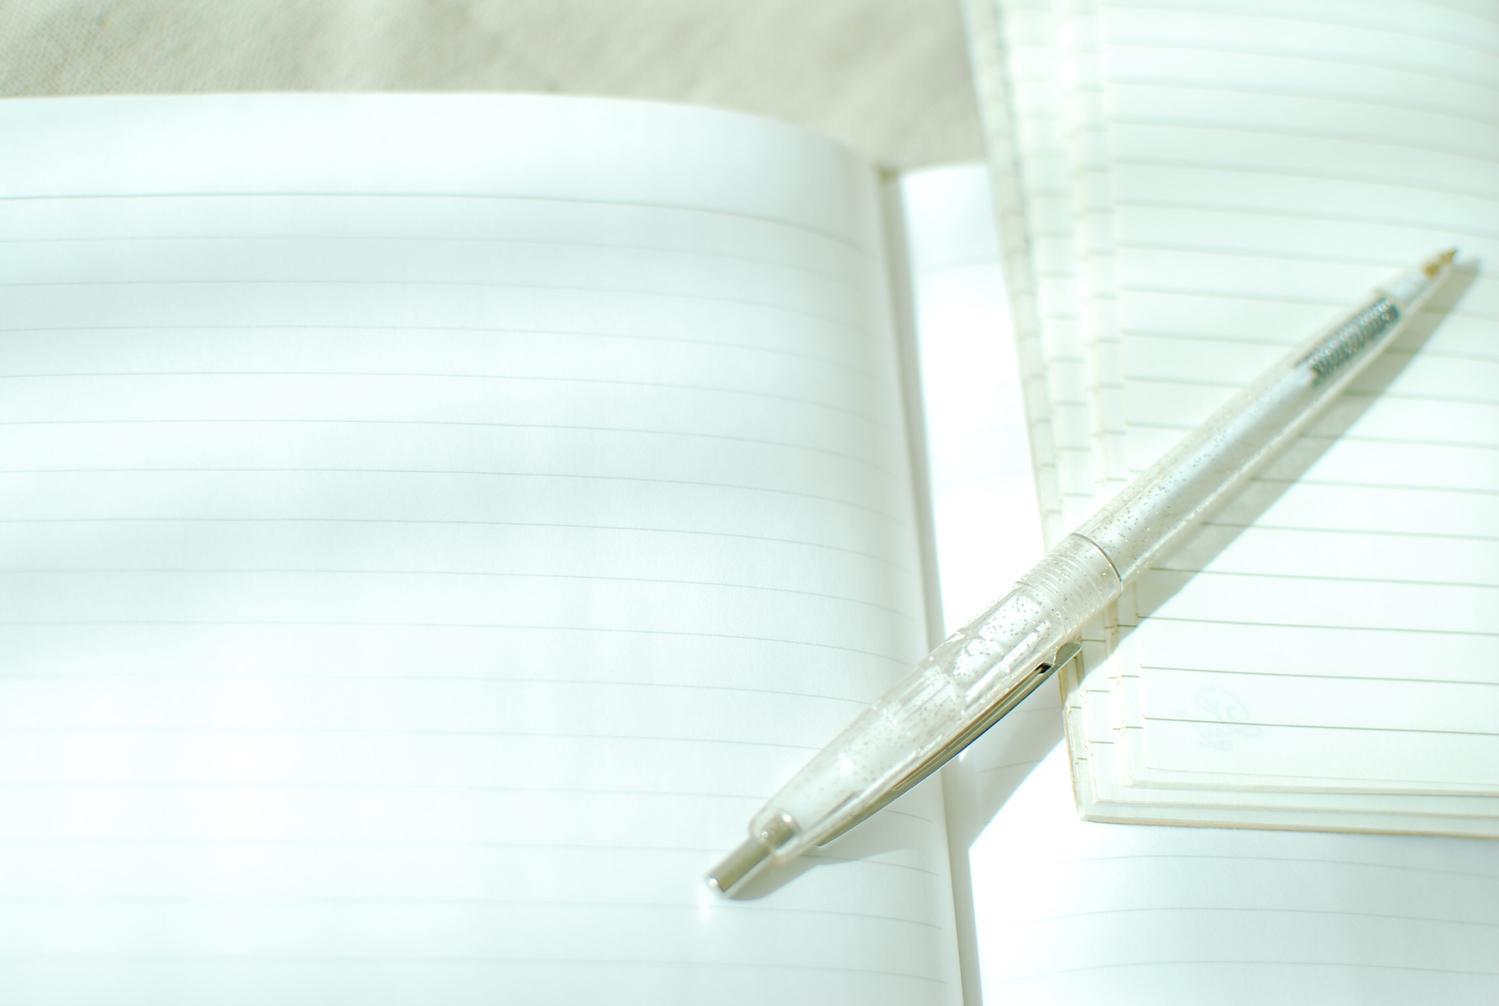 Q 日記を書く目的ってなんだろう